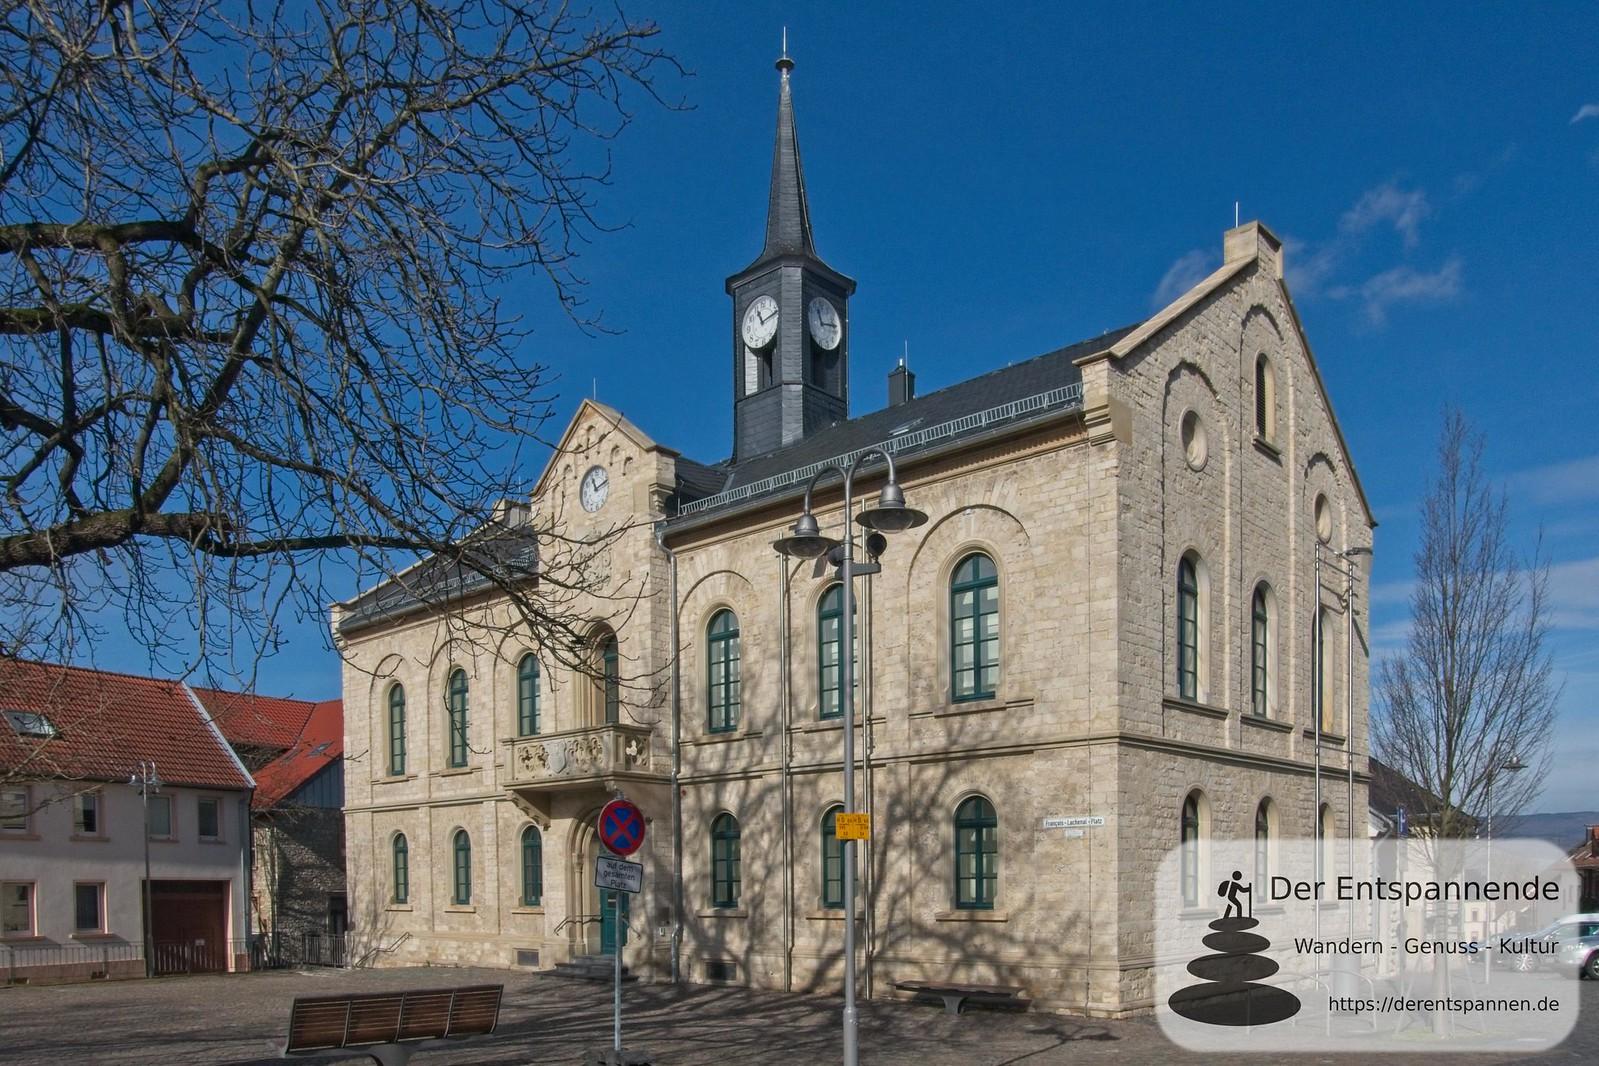 Altes Rathaus von Nieder-Ingelheim